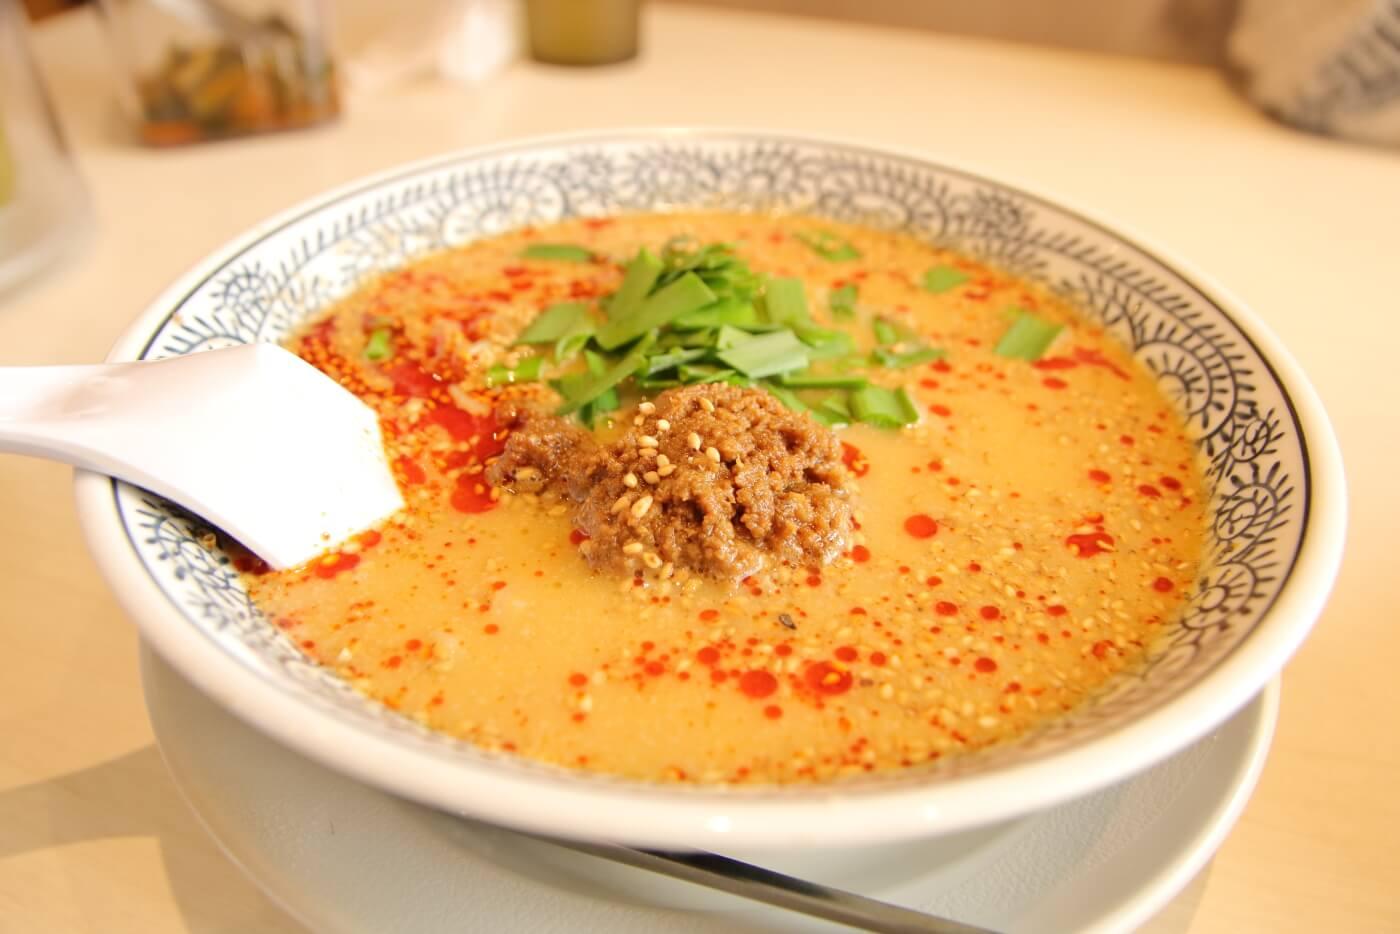 丸源ラーメン 白胡麻担々麺